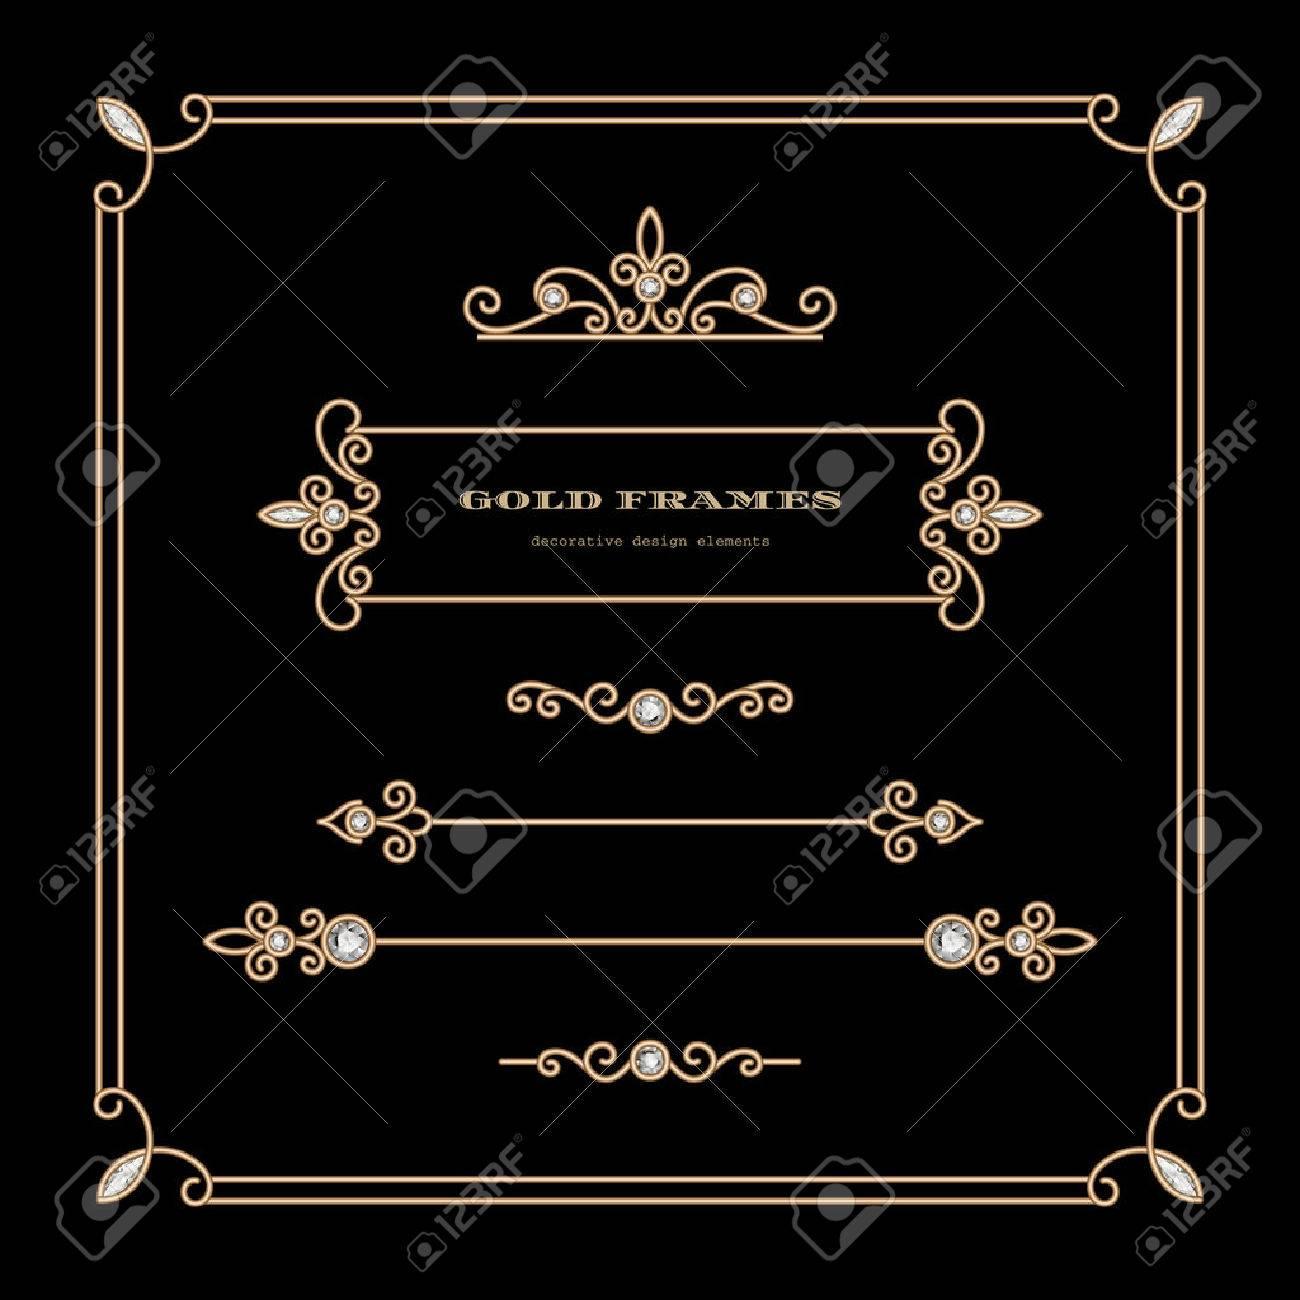 Vintage gold vignettes and dividers in square frame, set of decorative design elements - 43136288